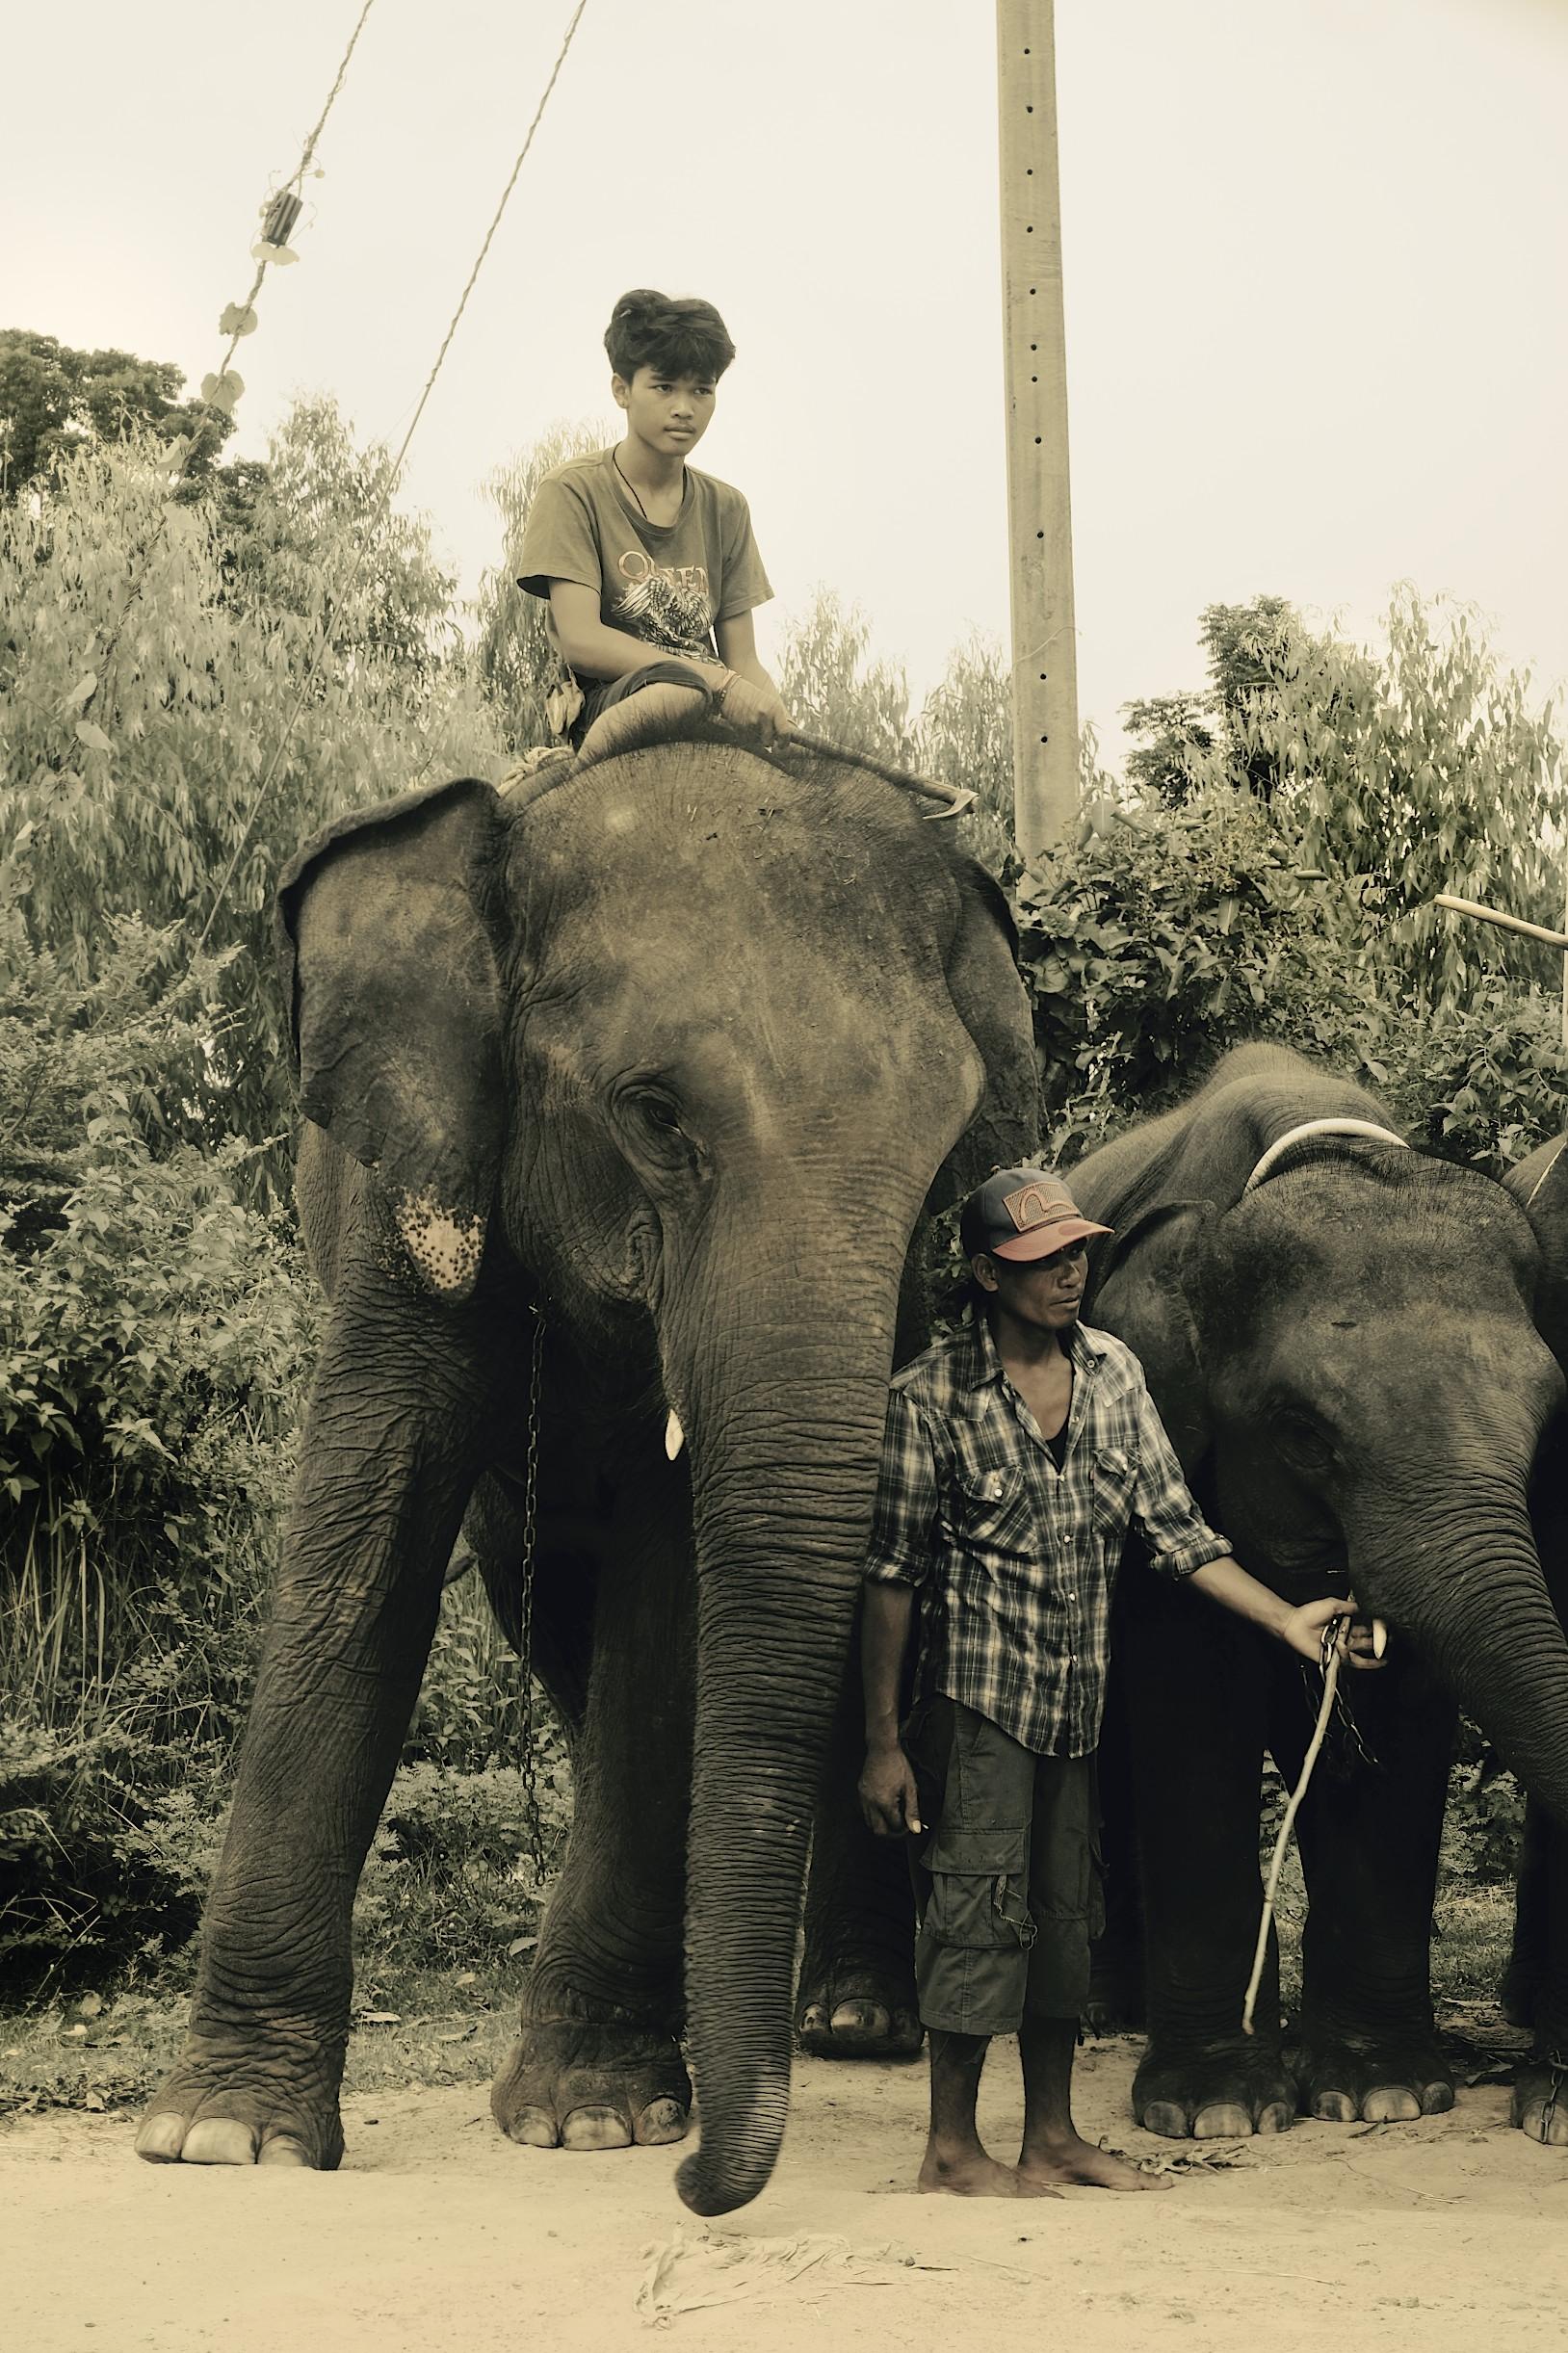 Surin, Thailand